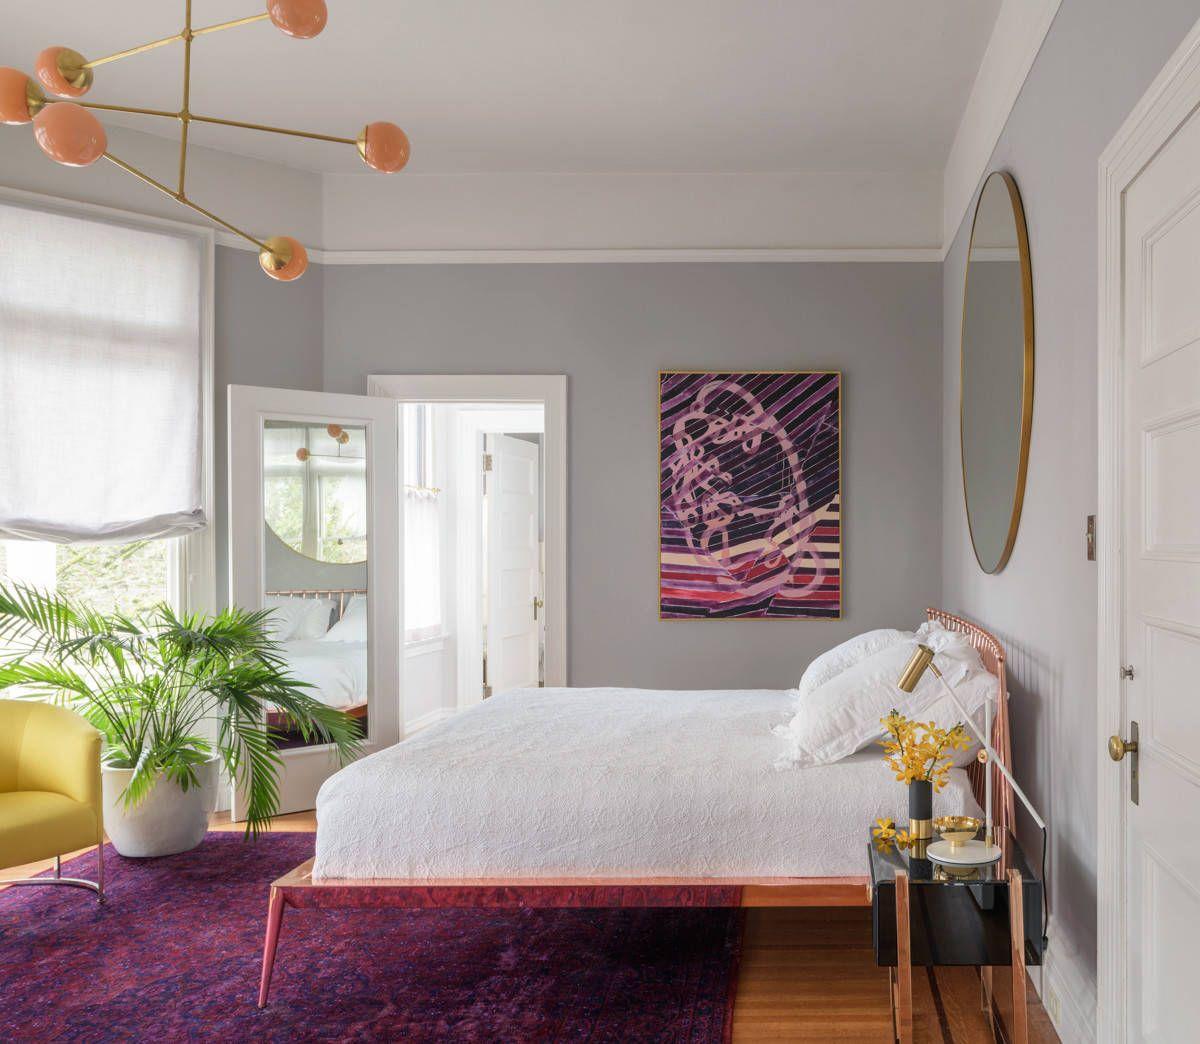 Nhân đôi diện tích dễ dàng cho phòng ngủ nhỏ nhờ sử dụng gương thông minh - Ảnh 6.